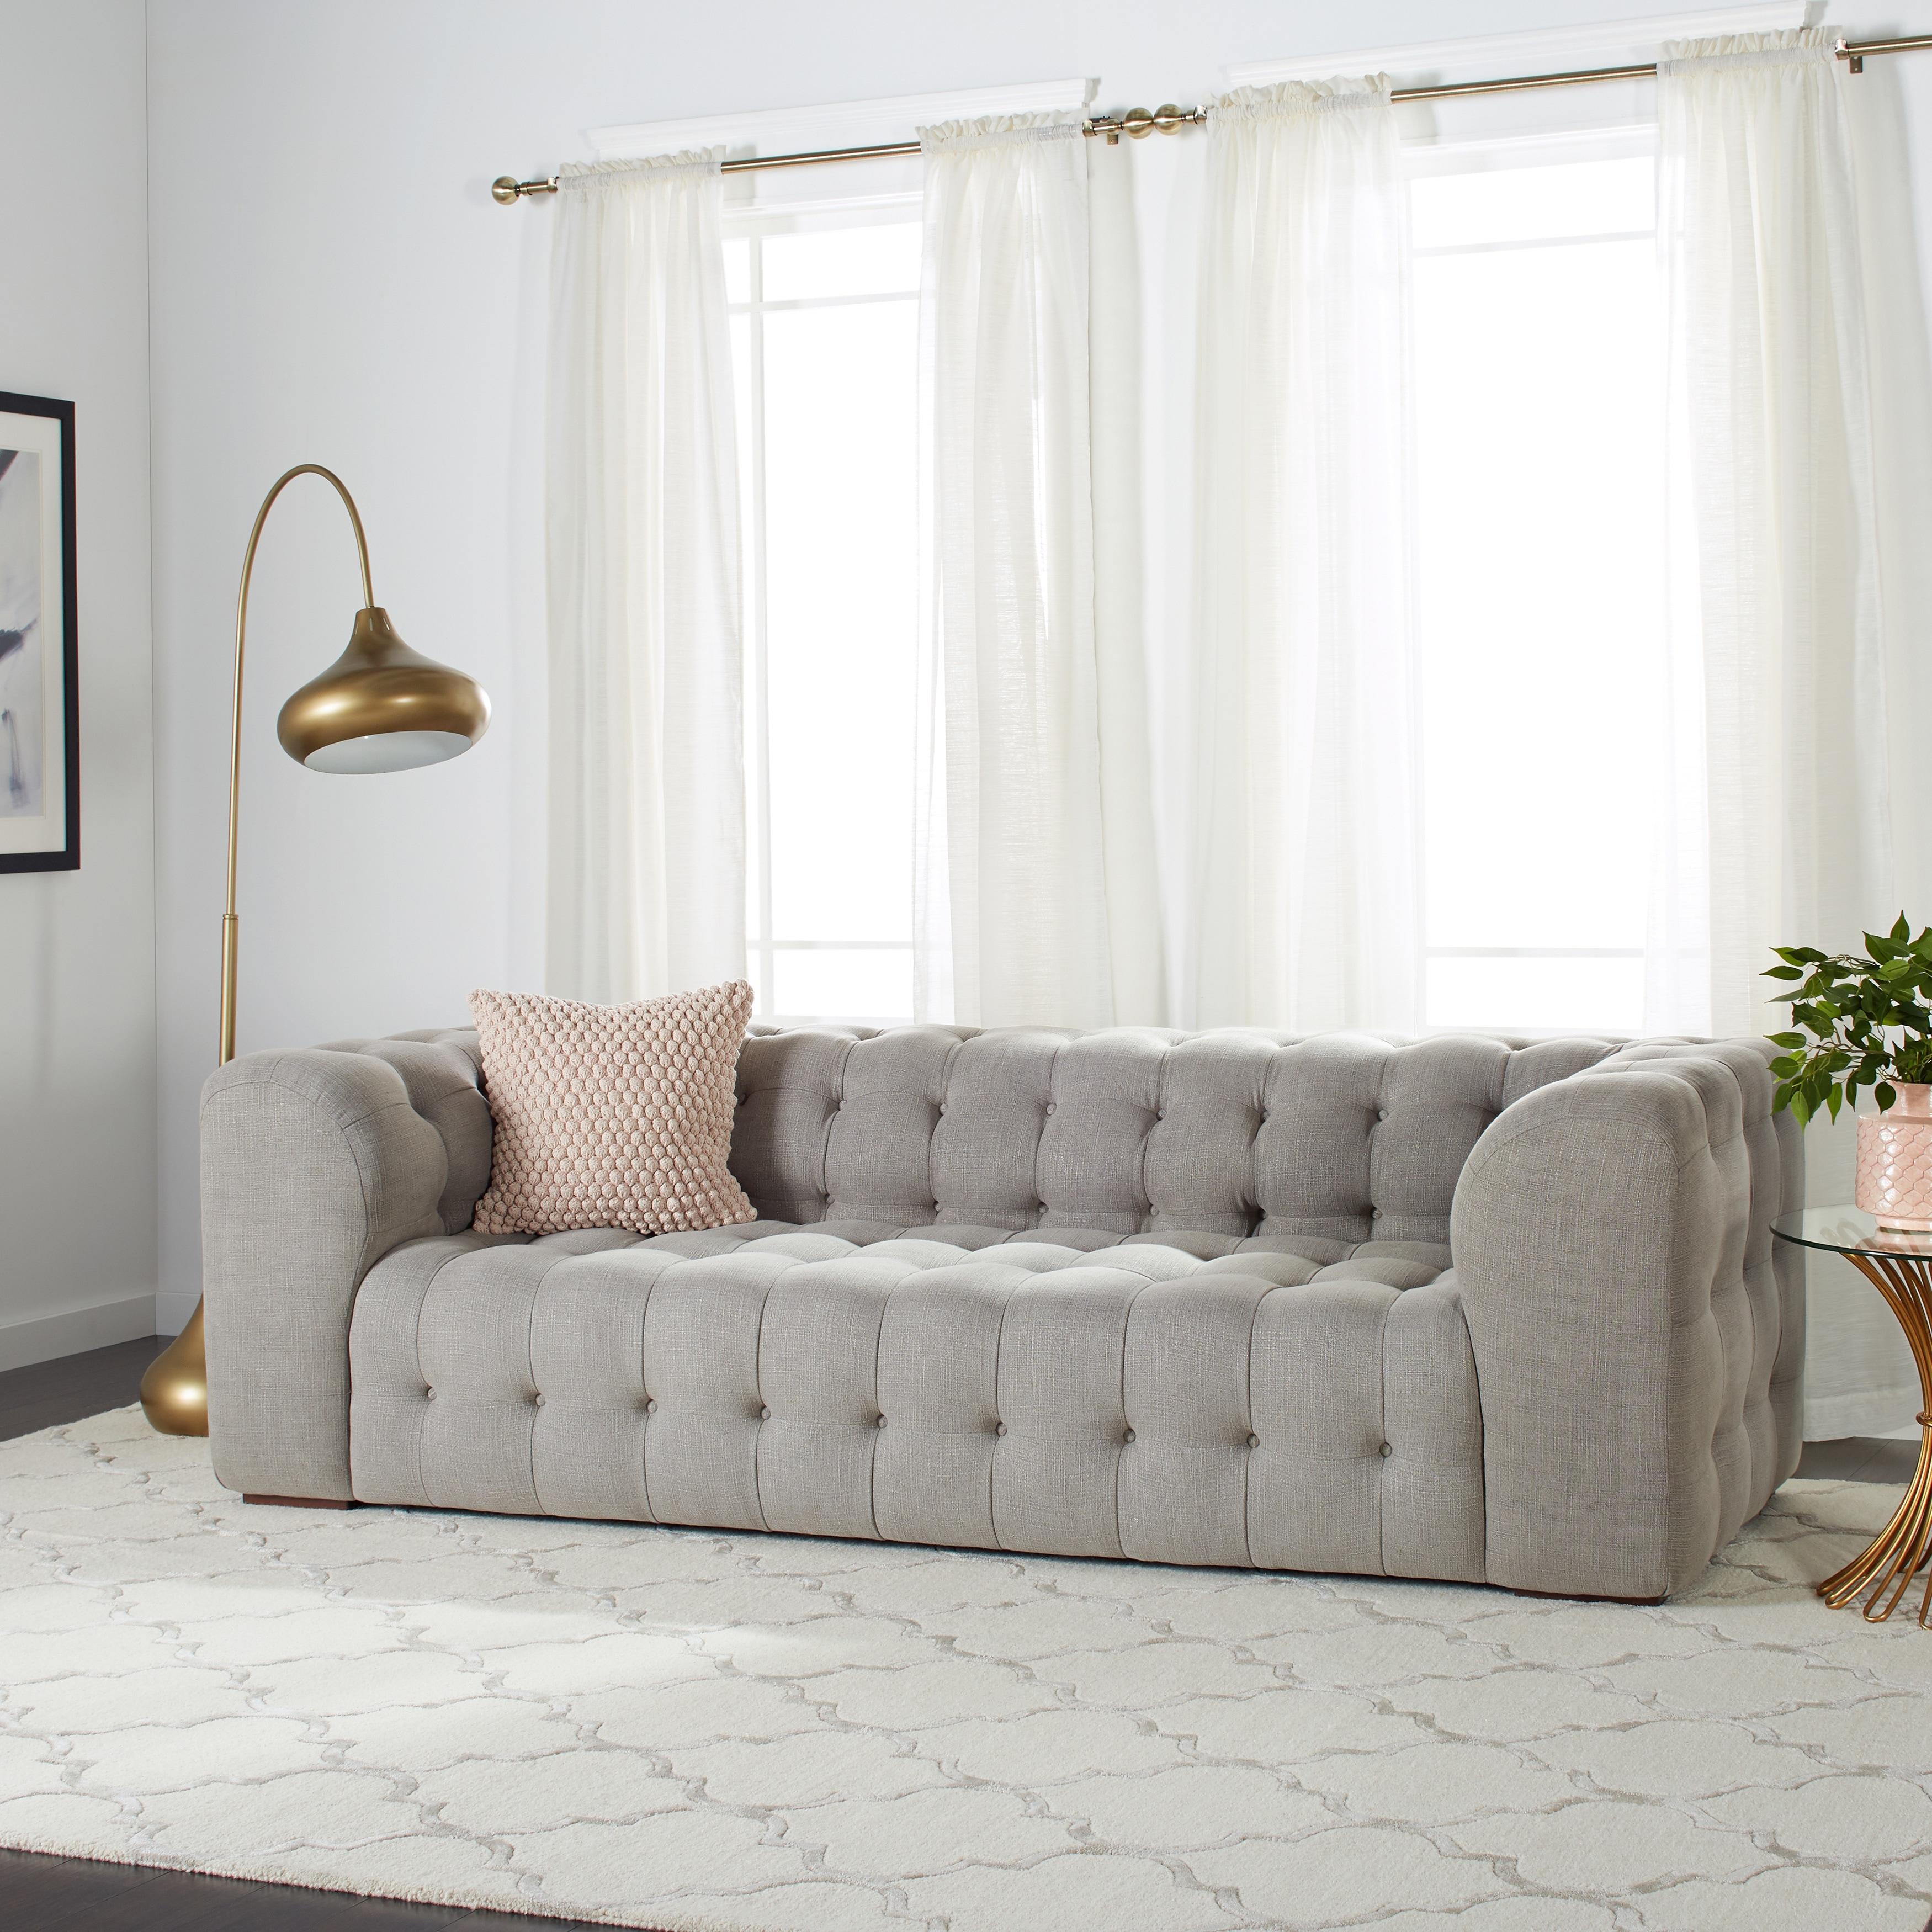 Havenside Home Sackville Nova Steel Linen Sofa   Free Shipping Today    Overstock   15465014